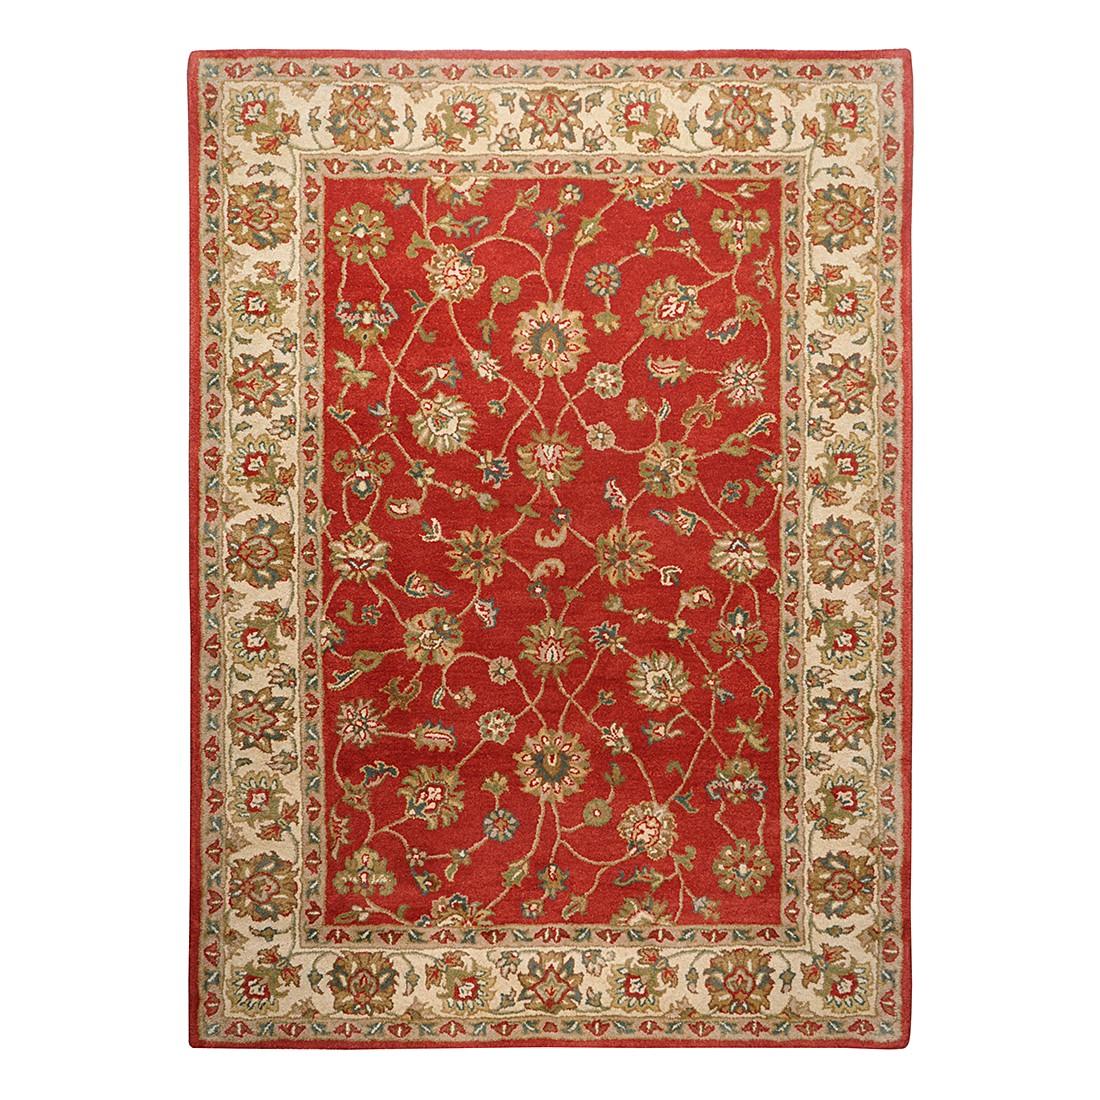 Teppich Royal Ziegler, THEKO die markenteppiche